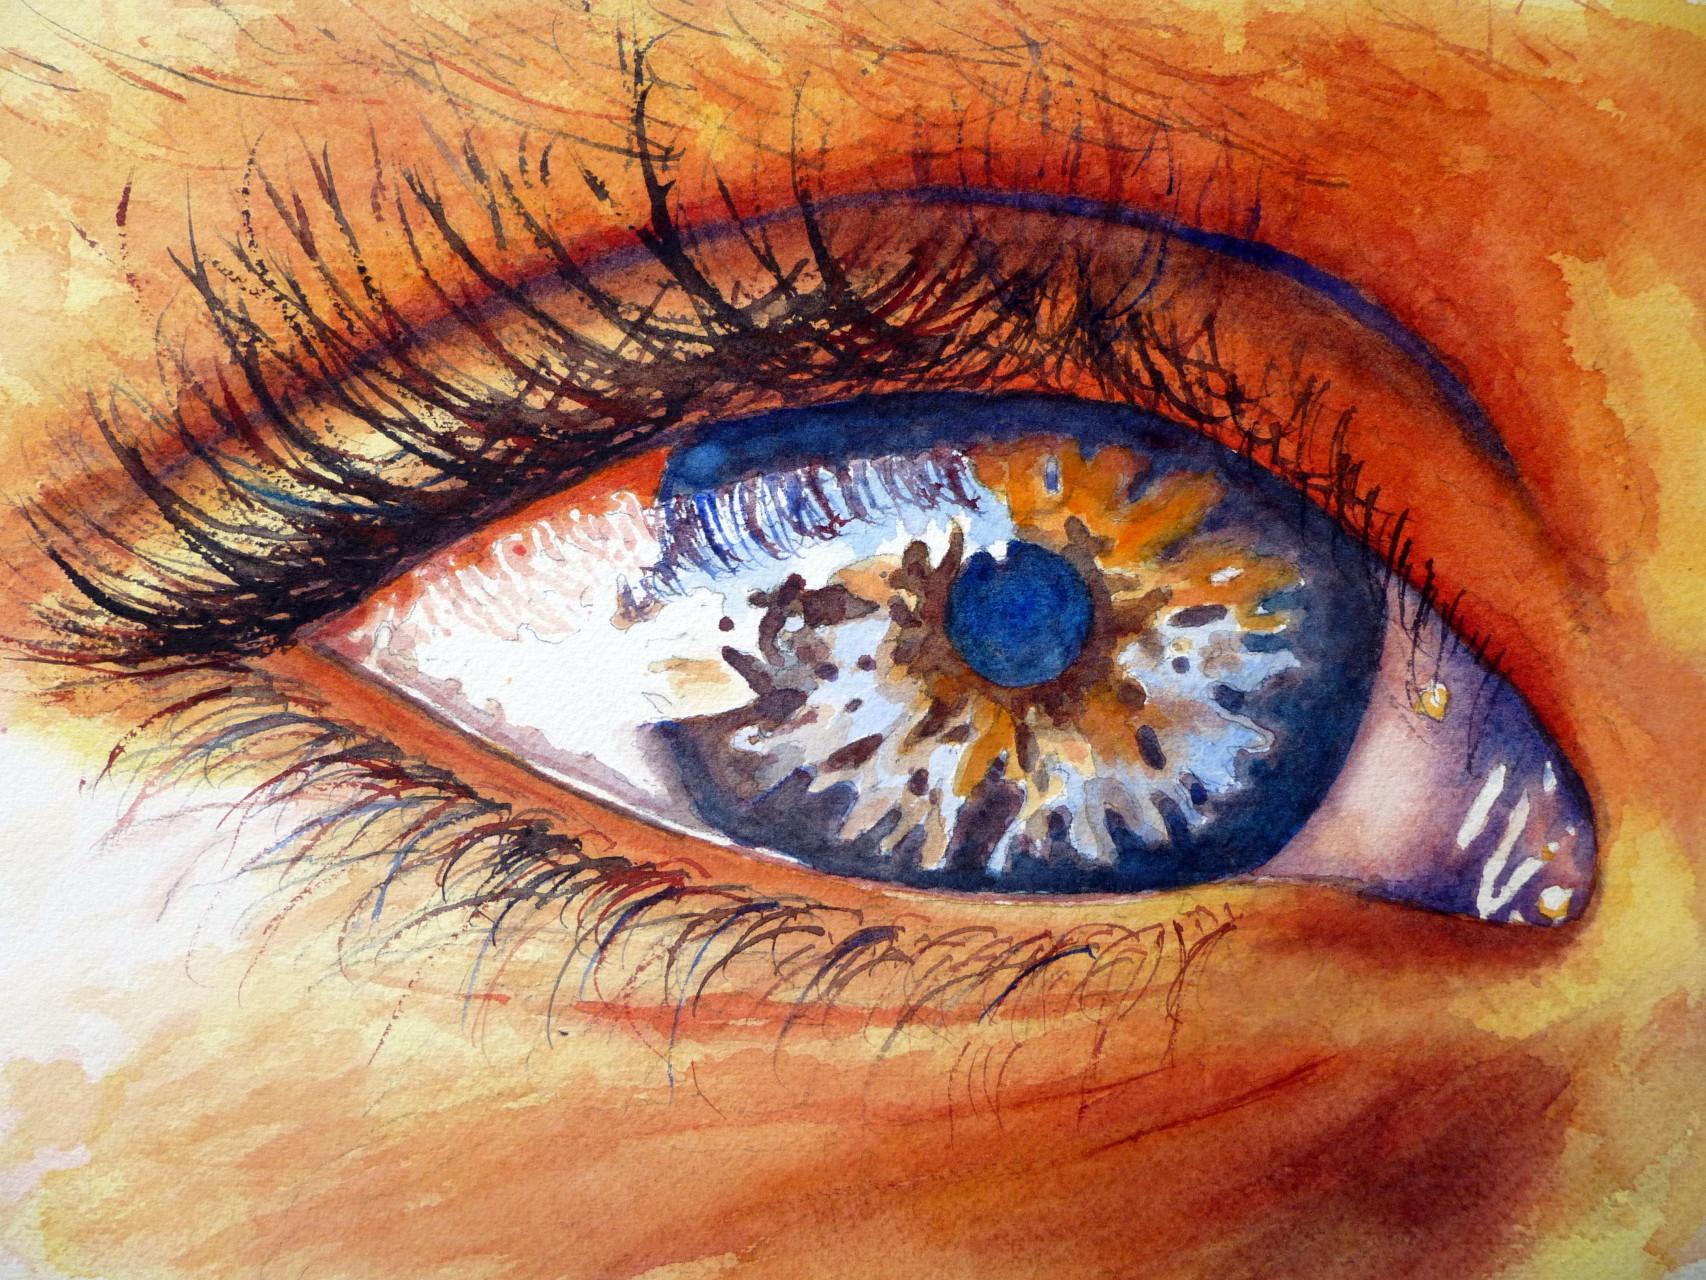 Clayton's Eye